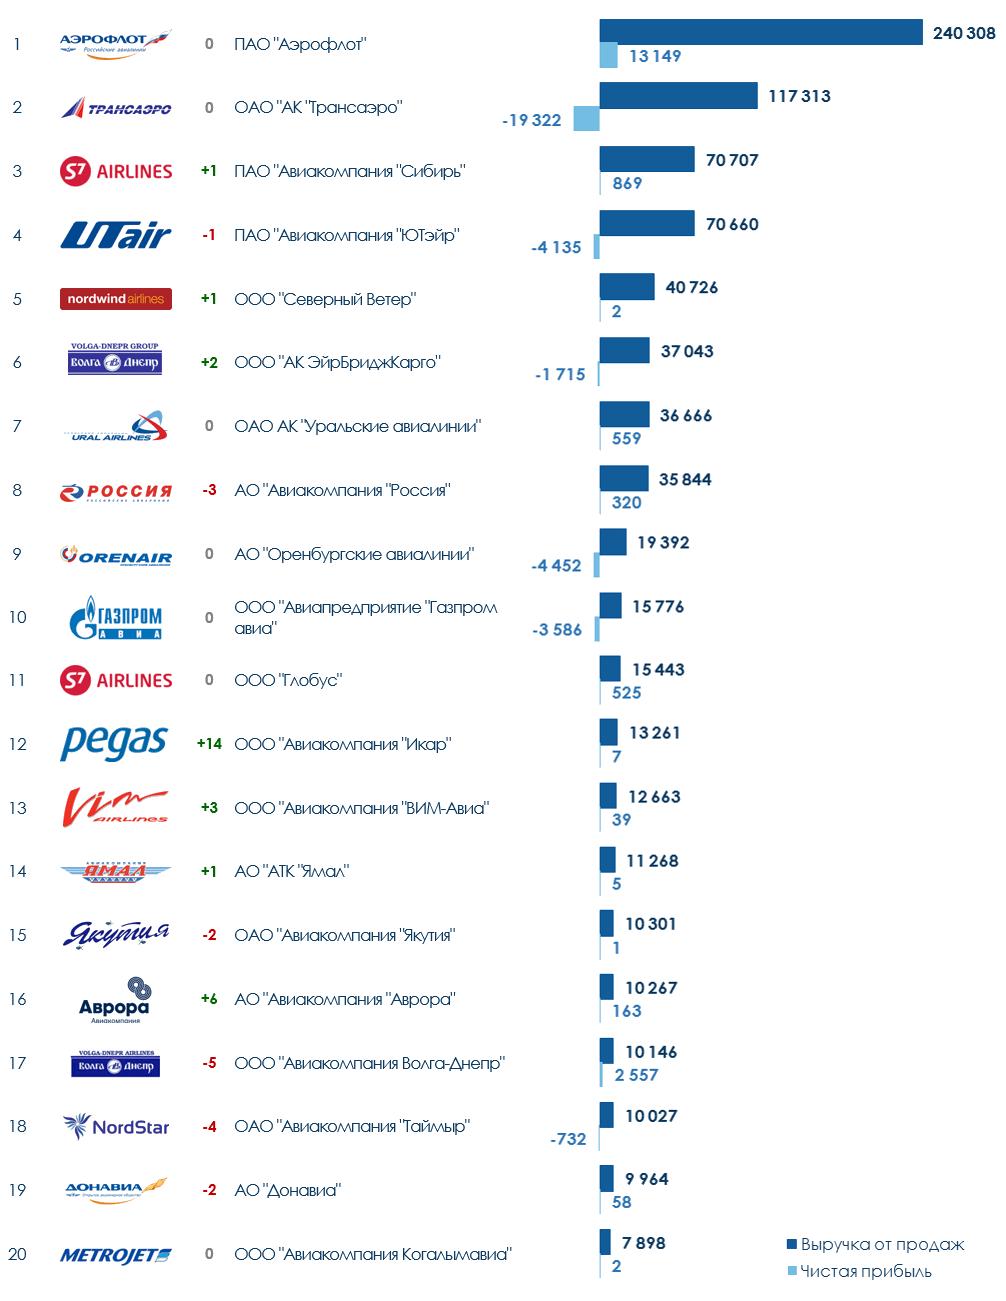 ТОП-20 авиакомпаний России